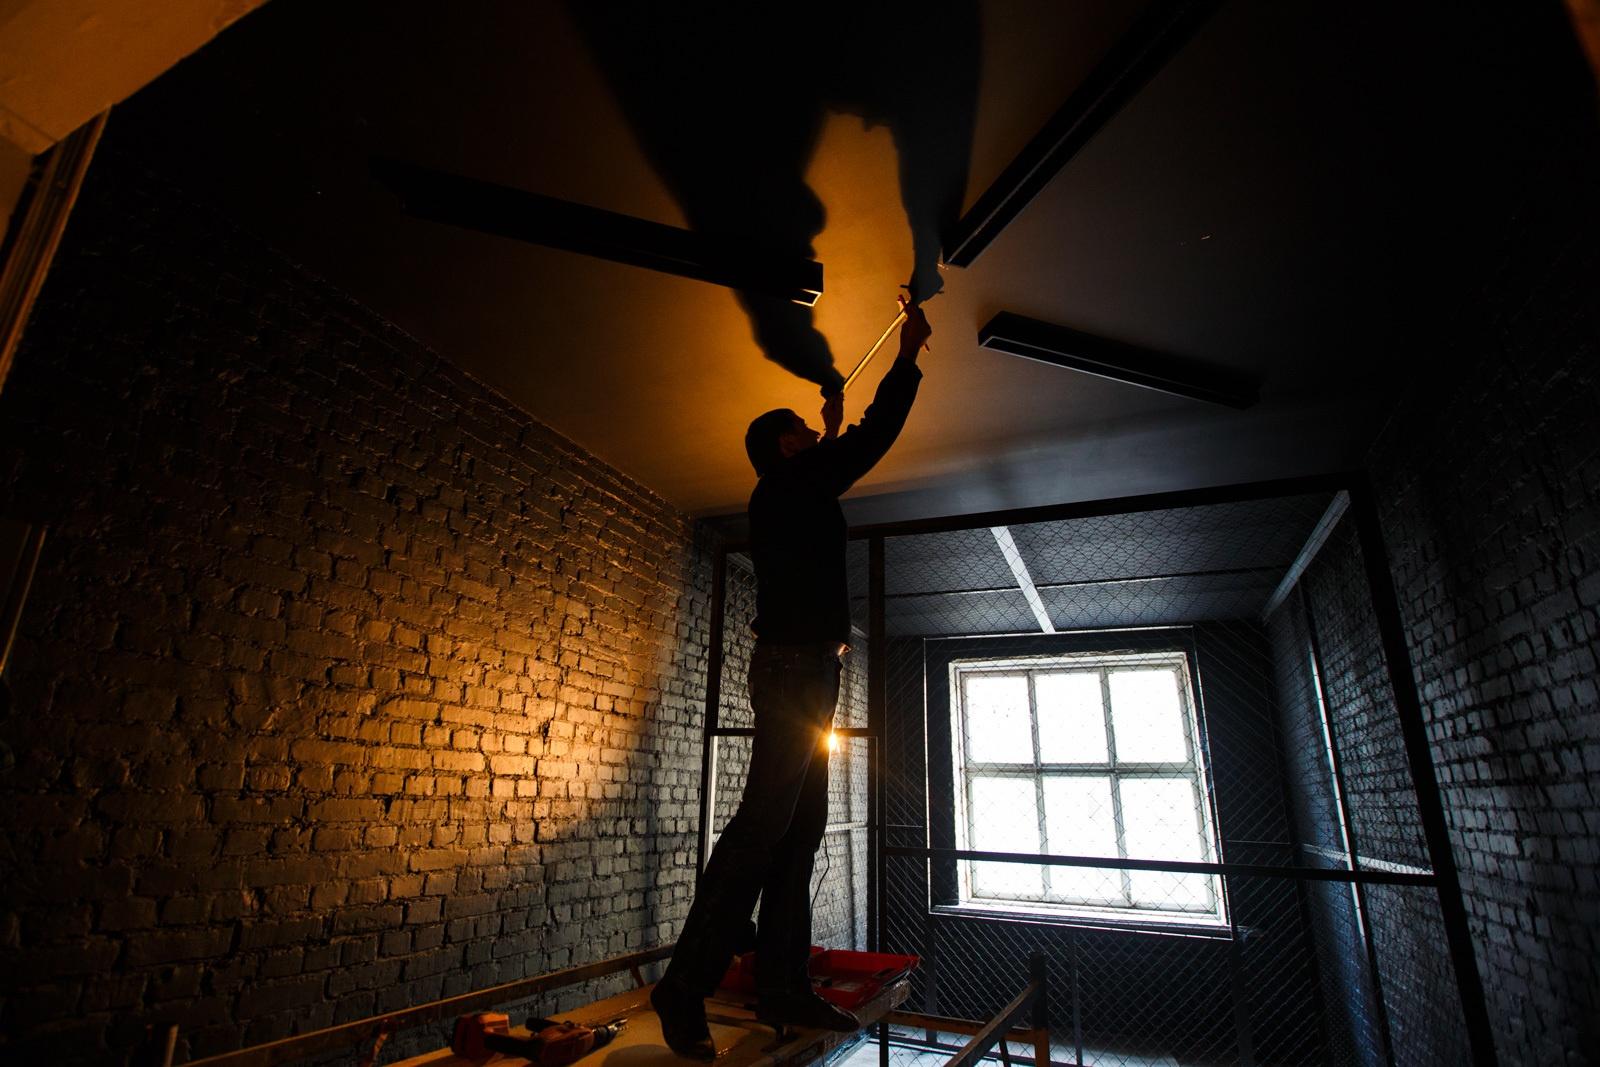 Как Тесла встретился с Ландау, или Гайд по строительству комнаты высоких энергий - 19